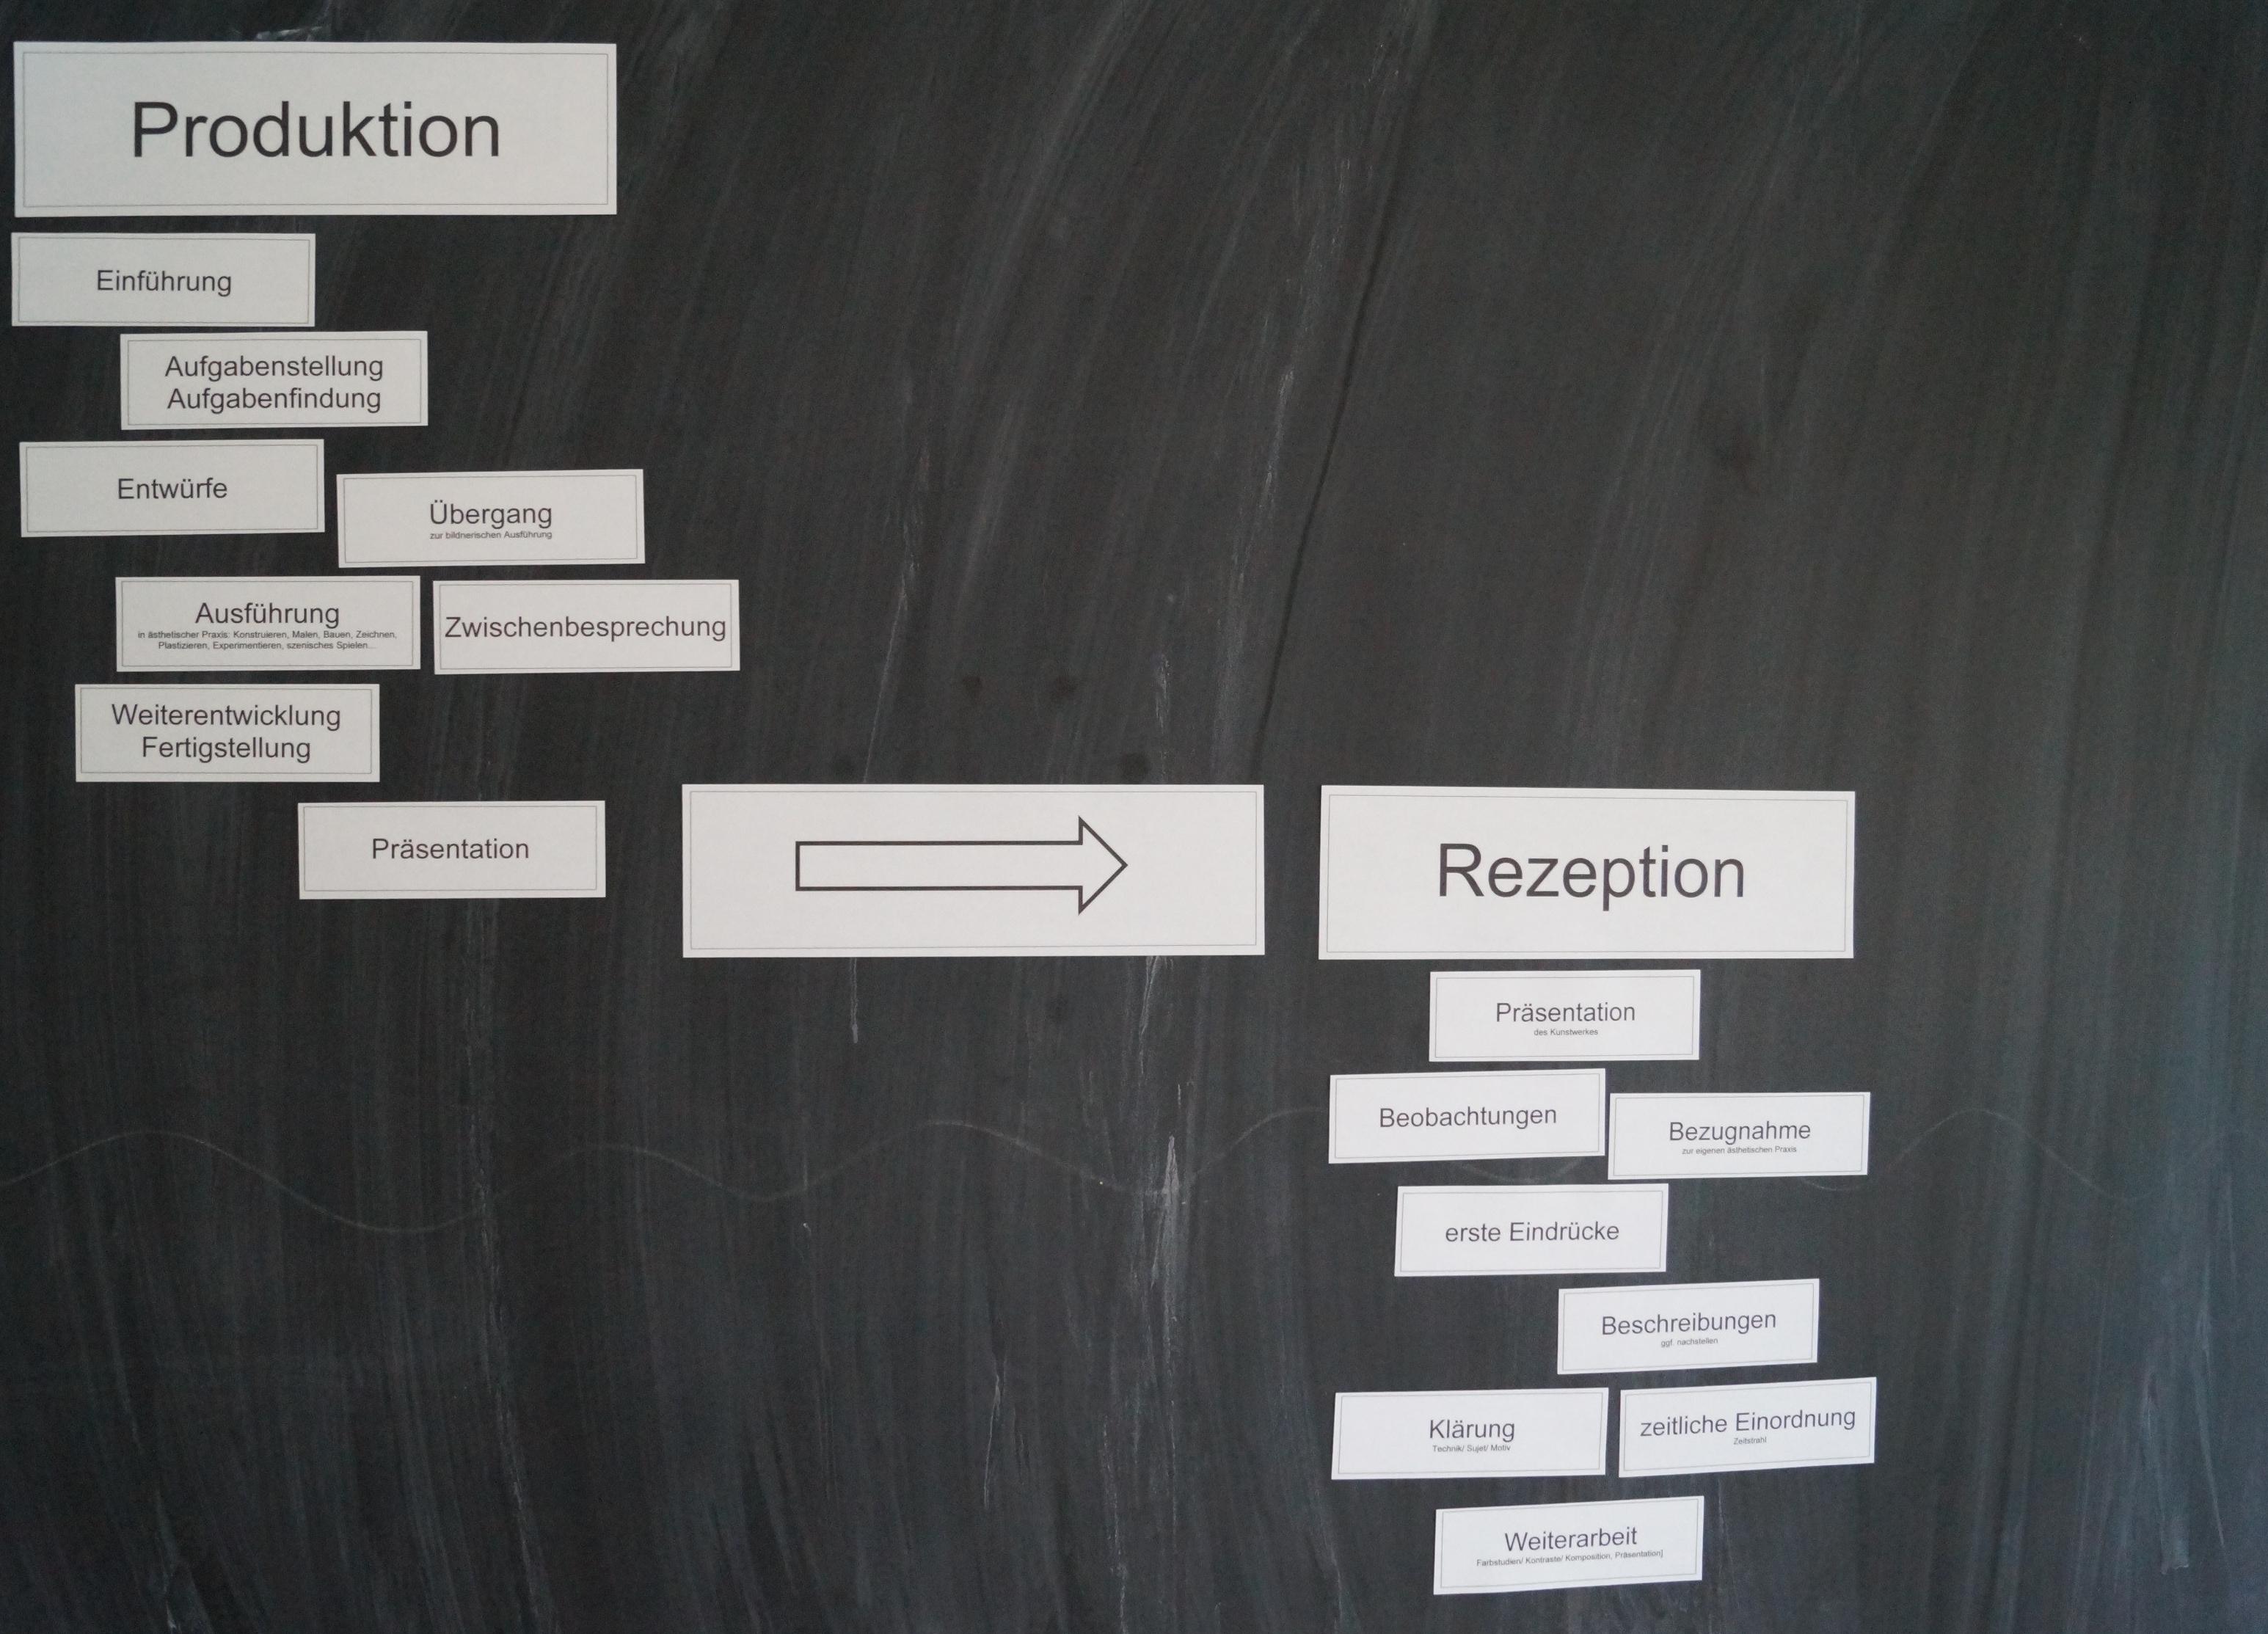 tafelbild von der produktion zur rezeption